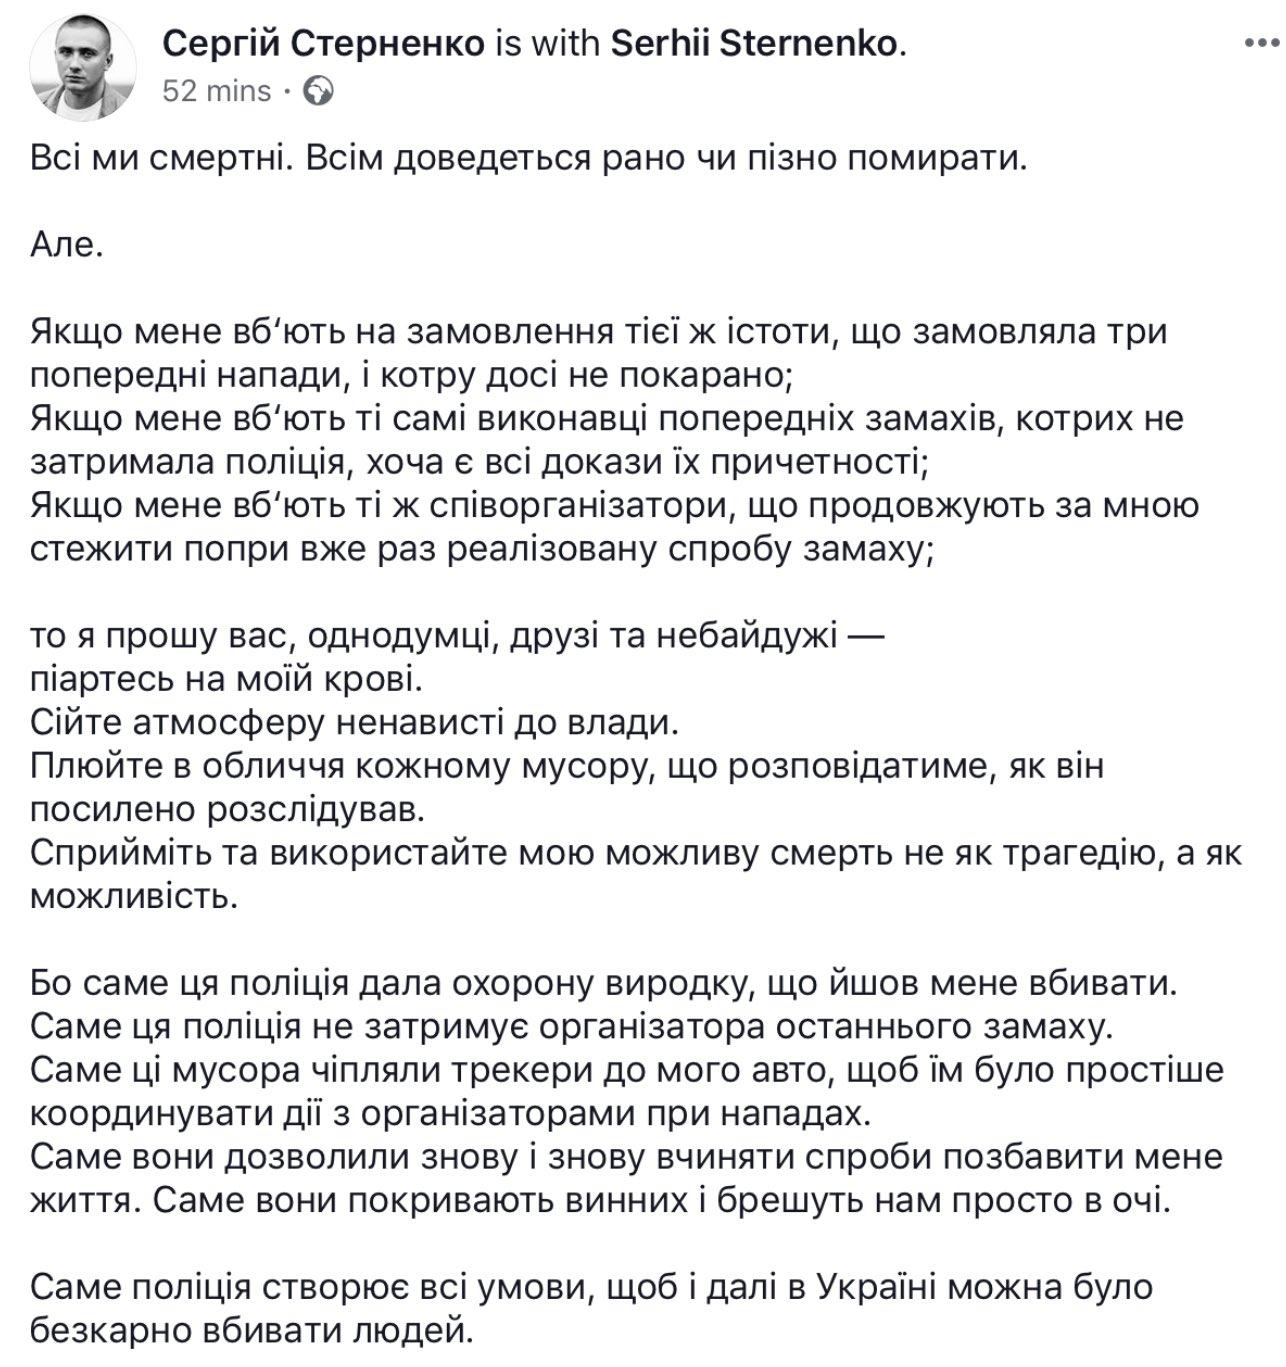 У Херсоні попрощалися з активісткою Гандзюк. Главу ОДА Гордєєва не допустили на церемонію - Цензор.НЕТ 2489